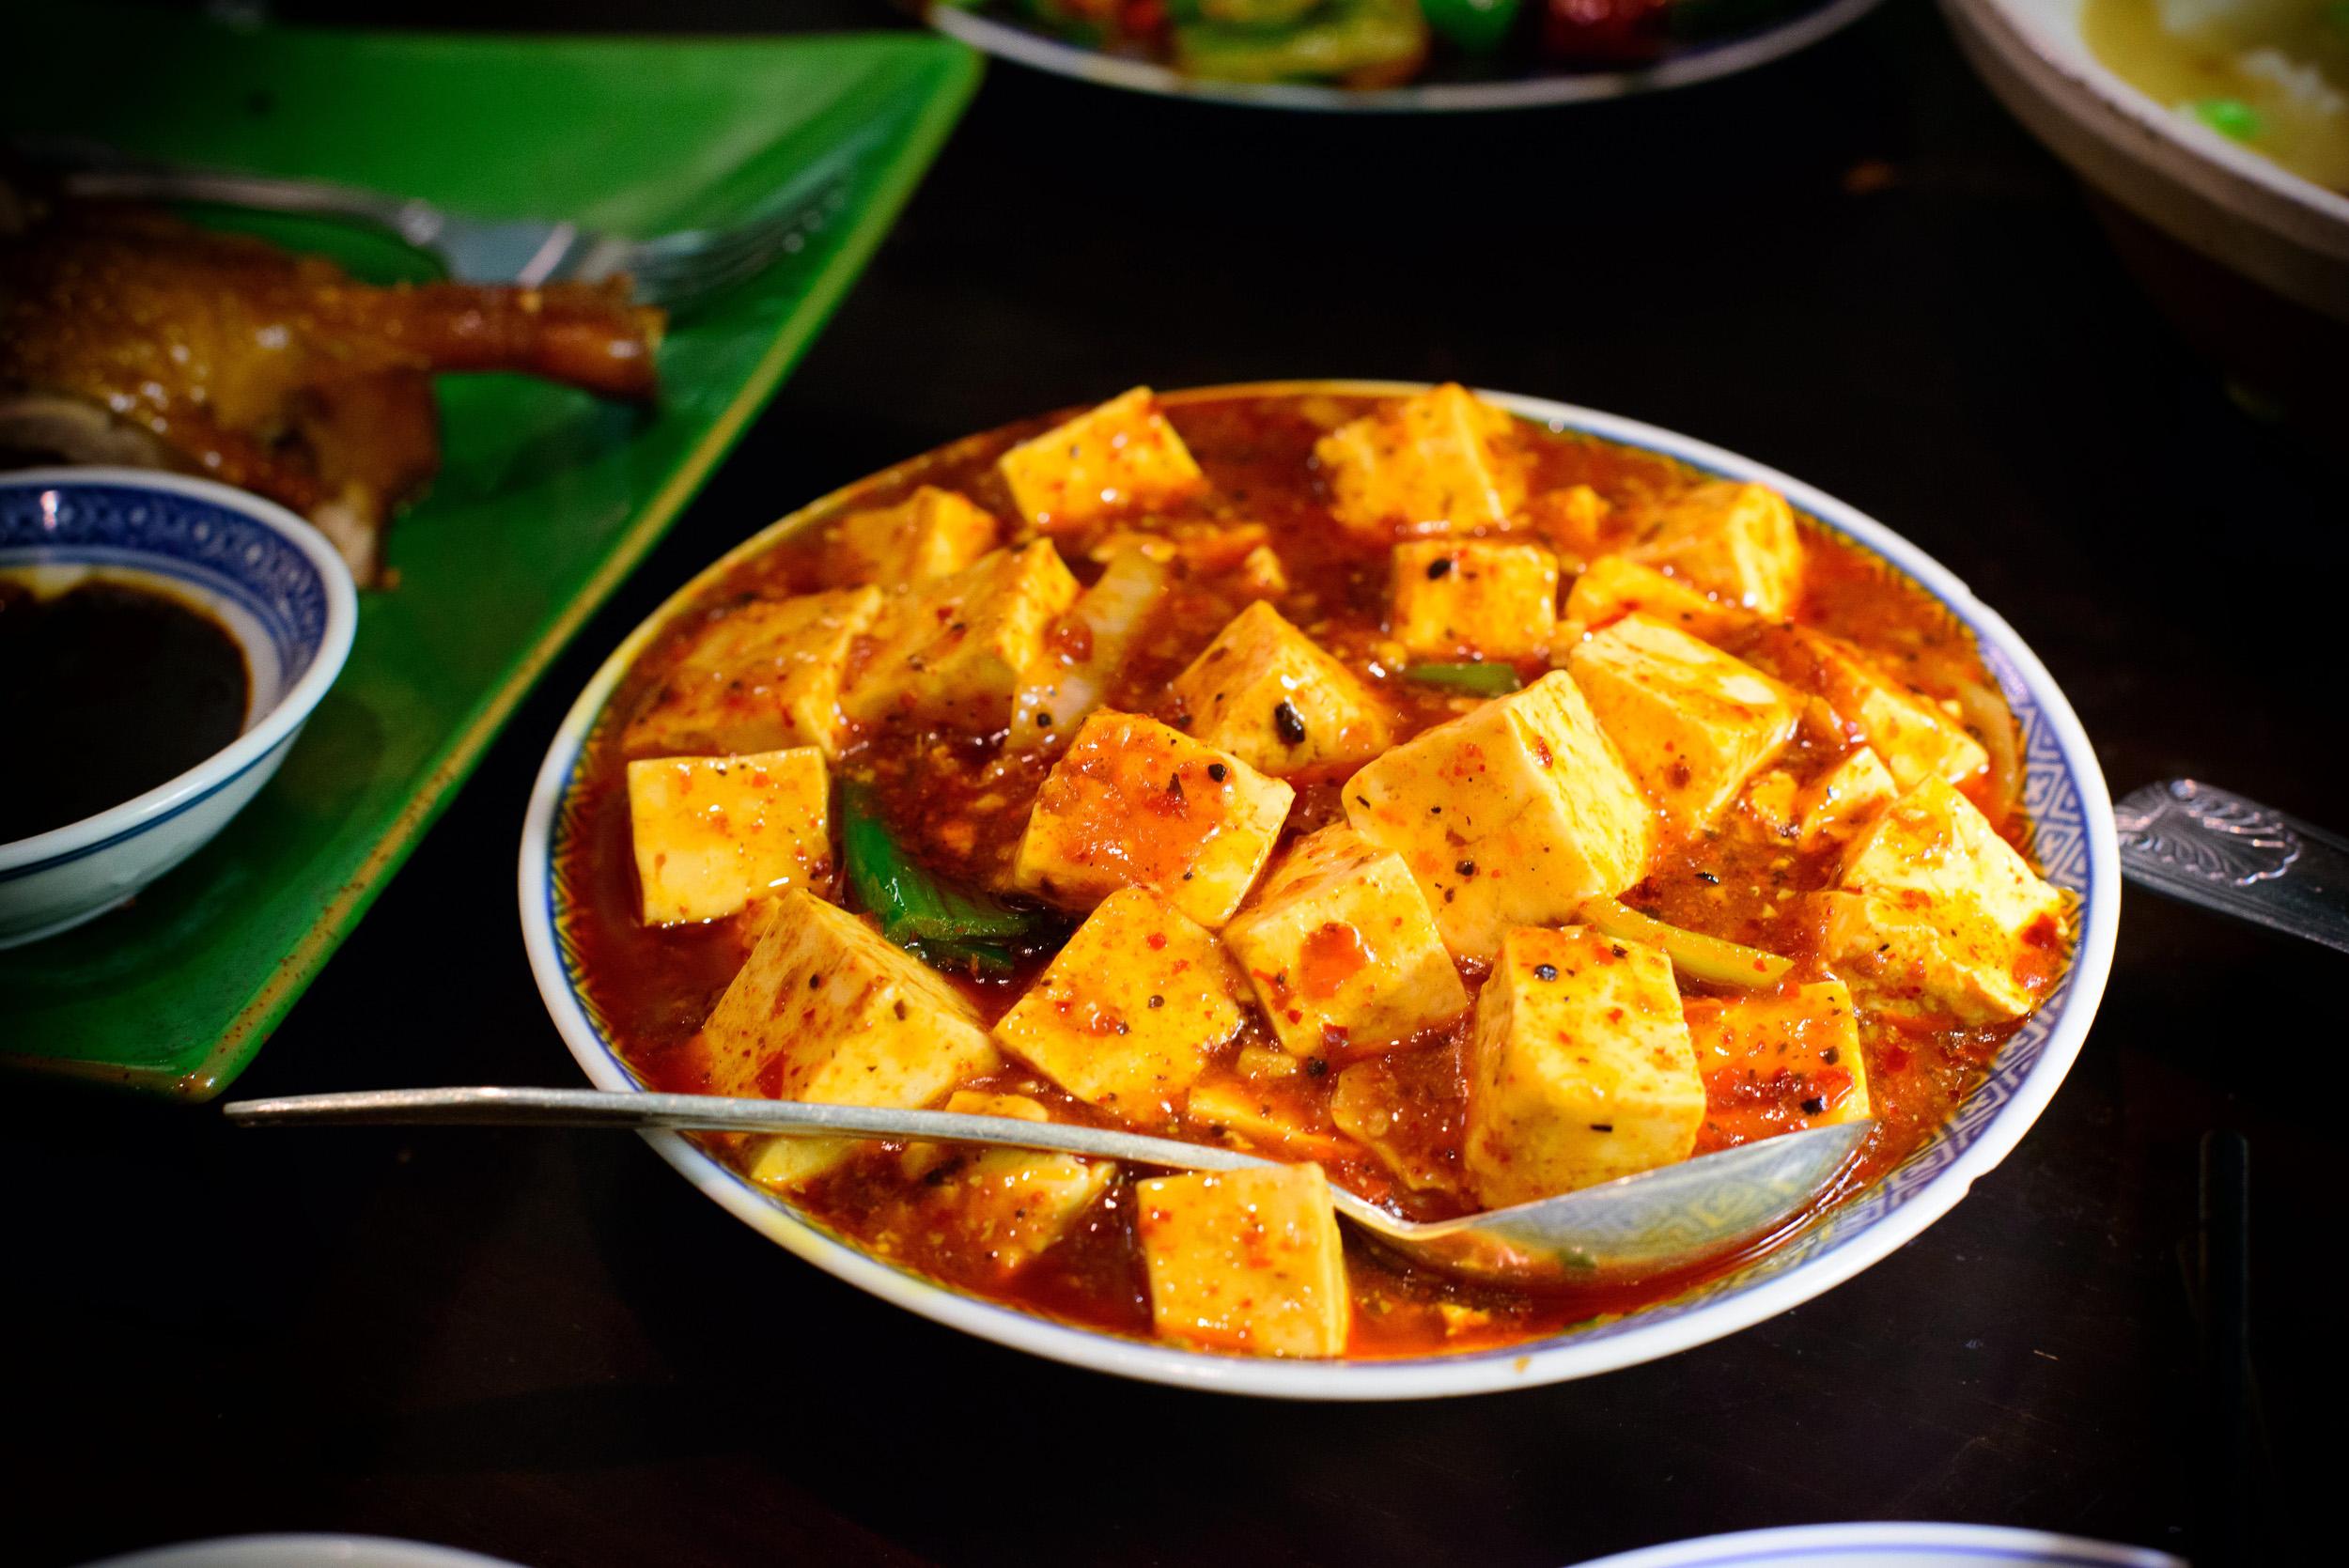 Ma po tofu ($11)